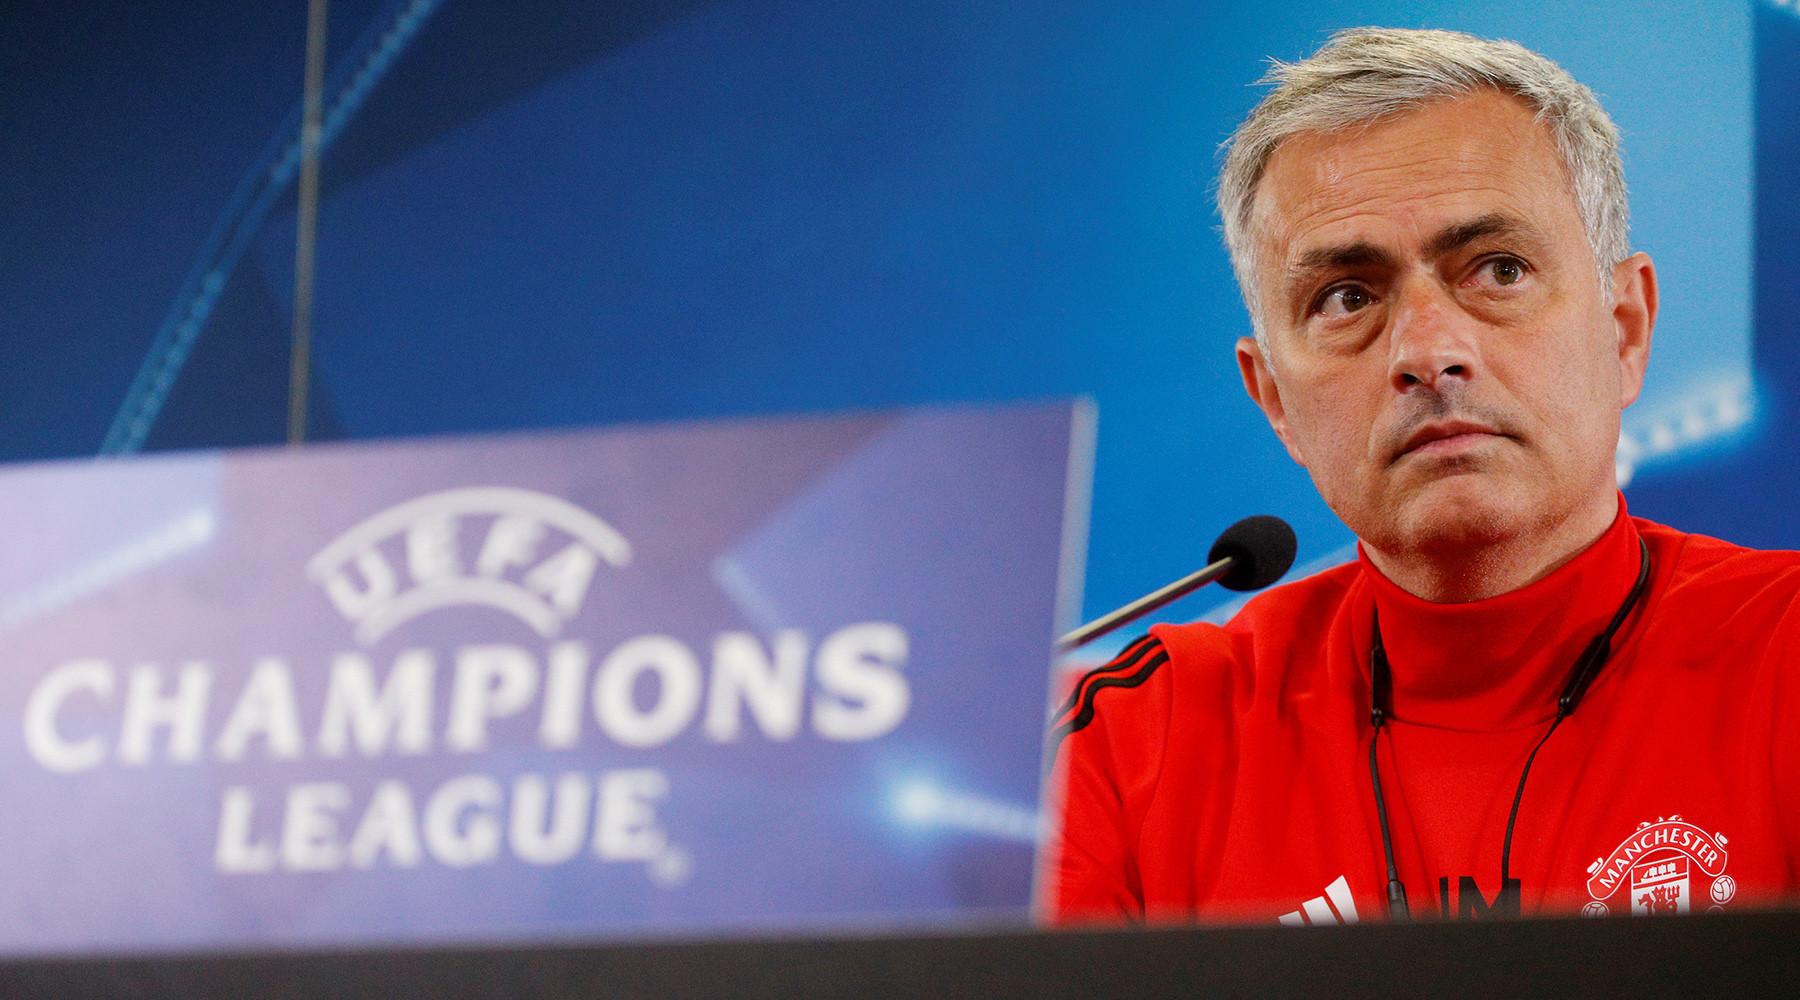 Моуринью похвалил армейцев перед игрой в Лиге чемпионов